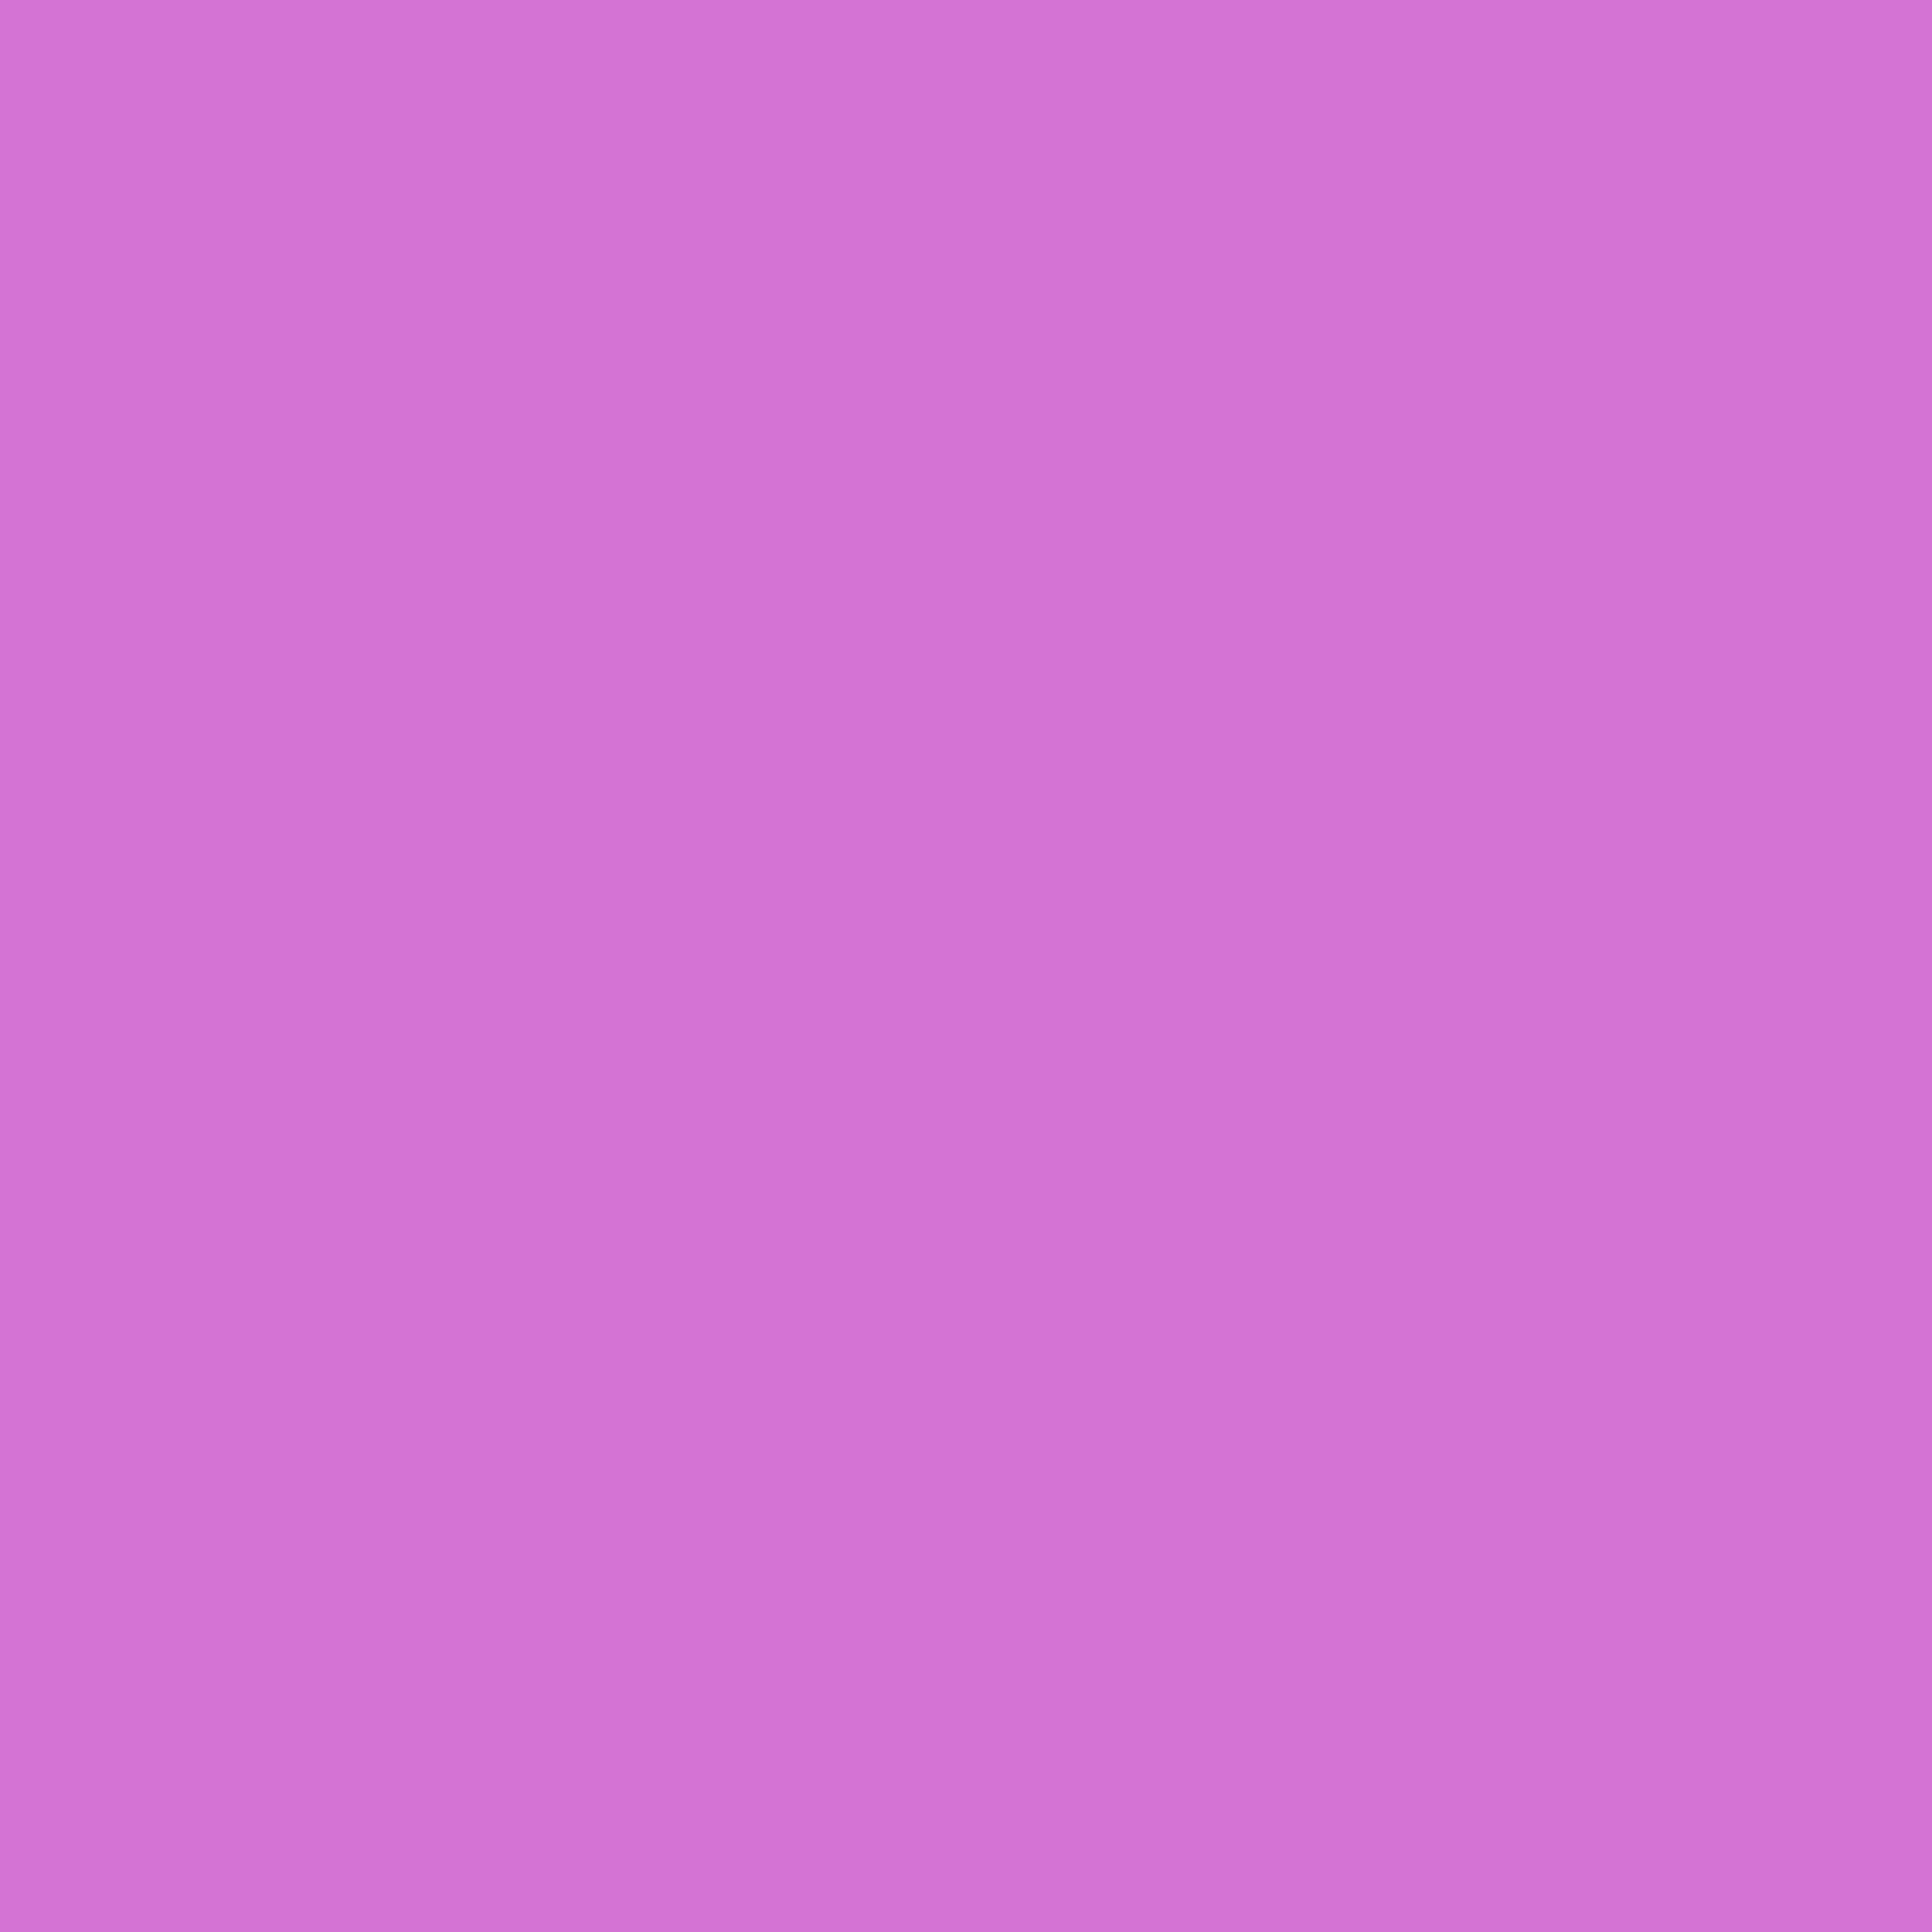 2048x2048 Deep Mauve Solid Color Background